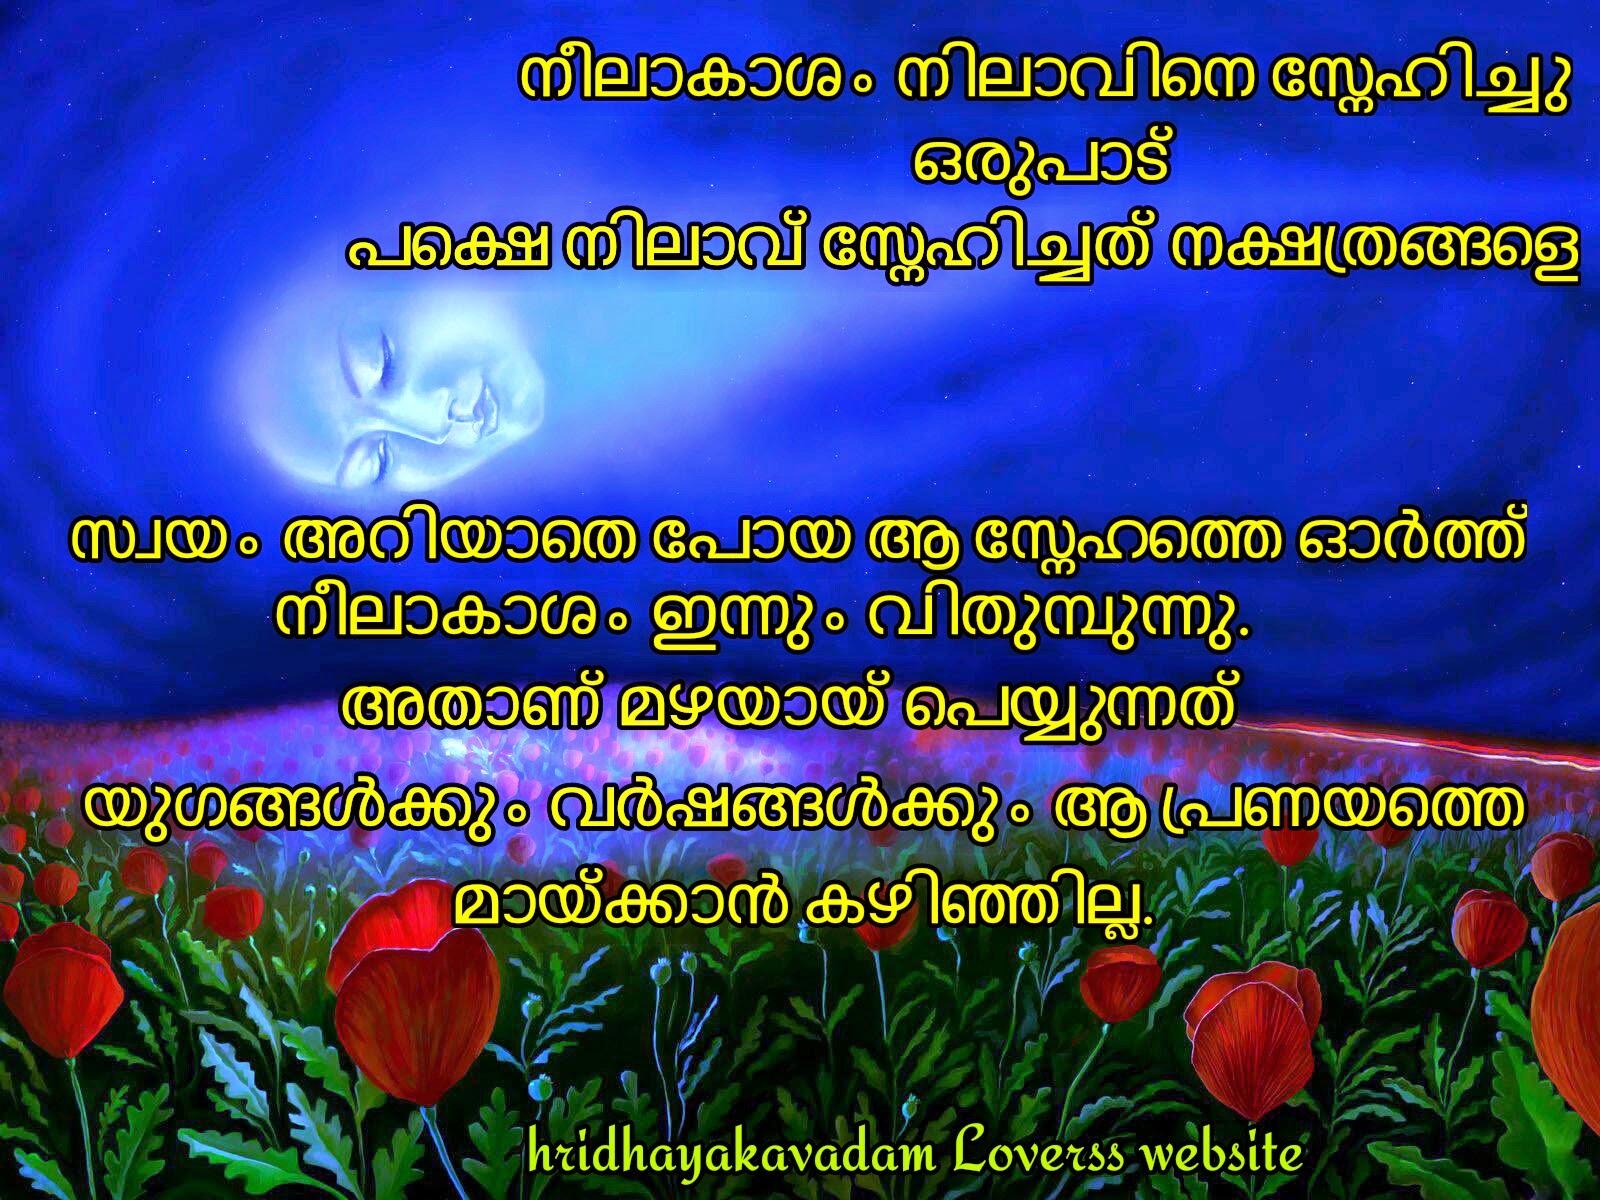 Malayalam love quotes | Hridhayakavadam Quotes